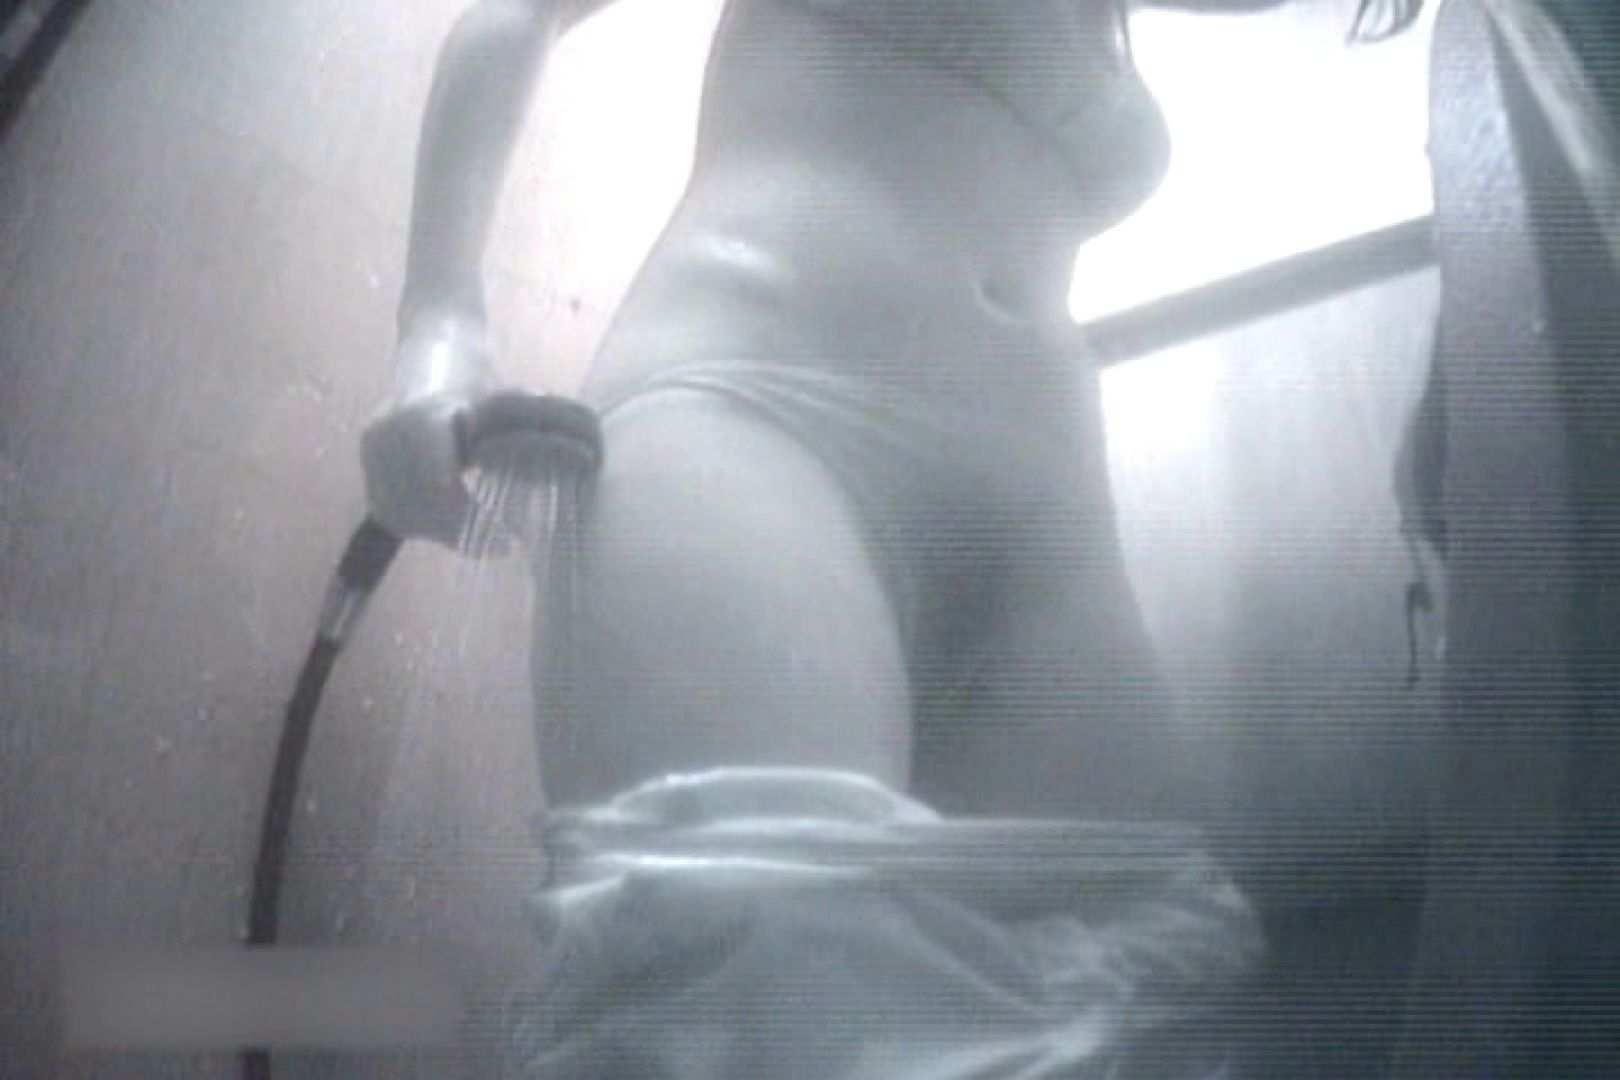 夏海シャワー室!ベトベトお肌をサラサラに!VOL.06 シャワー 盗撮AV動画キャプチャ 75pic 34